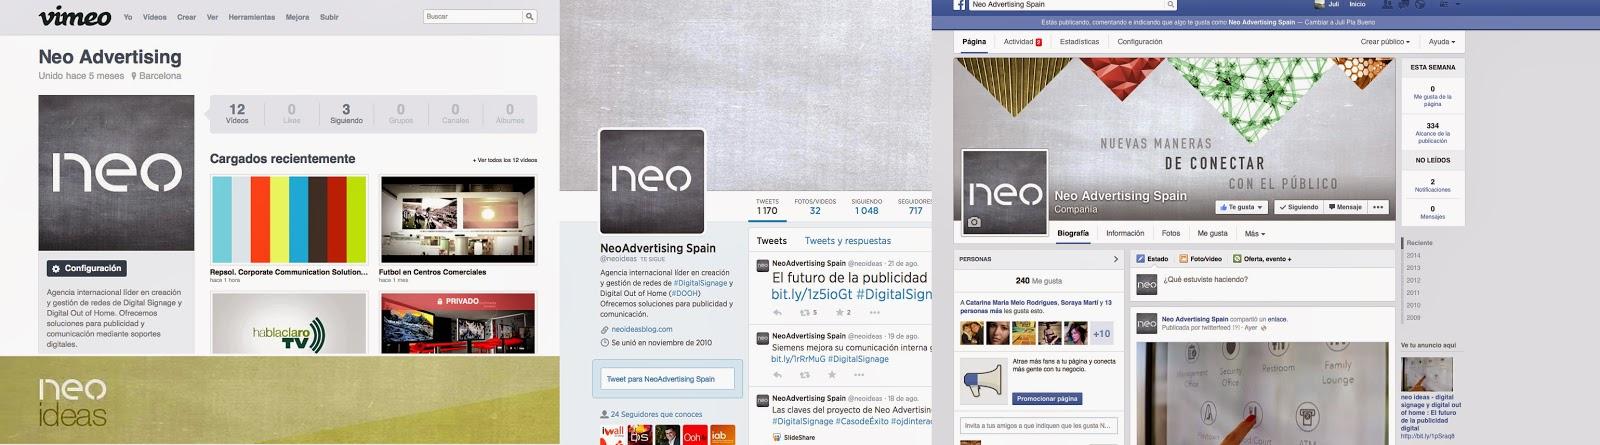 Medios sociales de Neo Advertising